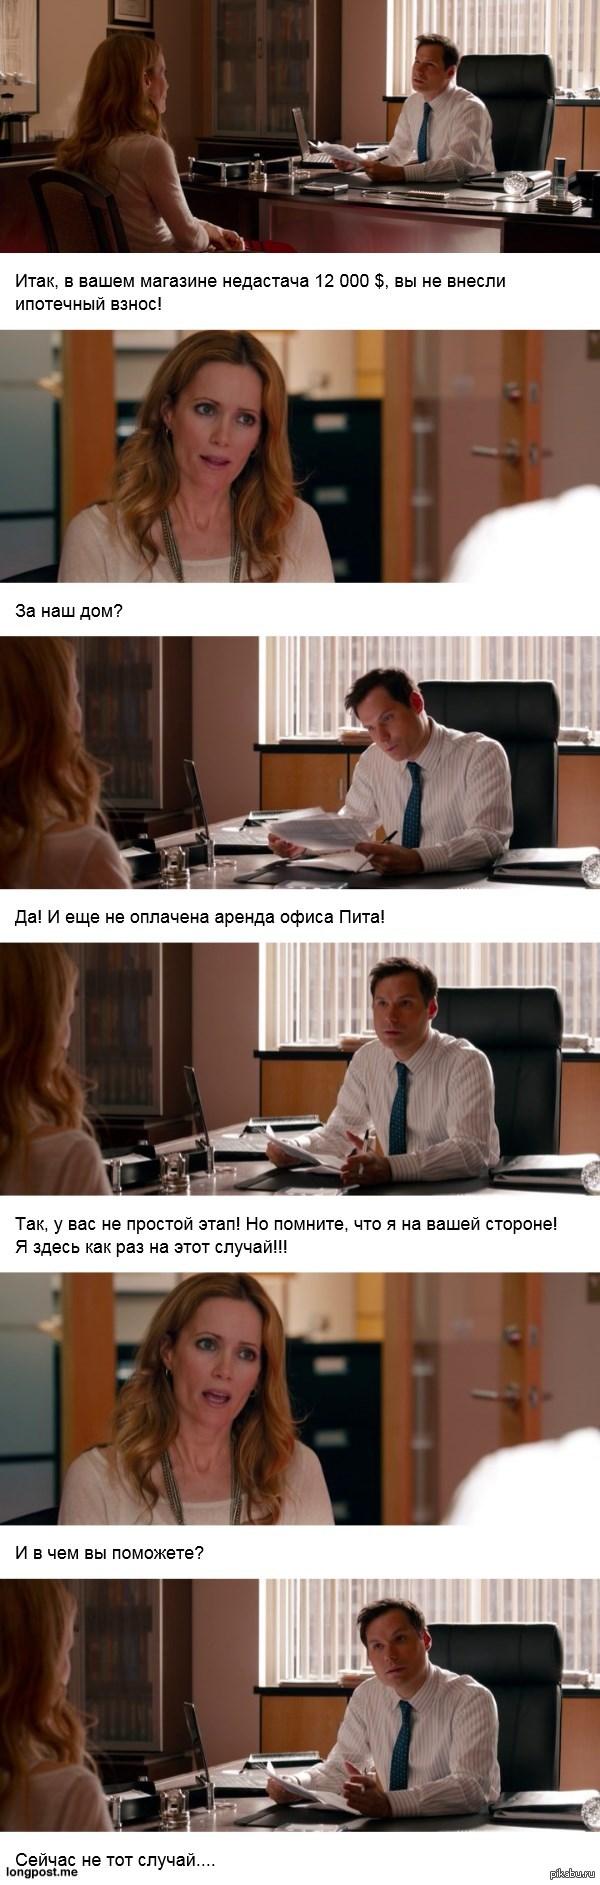 Чудо юрист!!! Всегда поможет)))